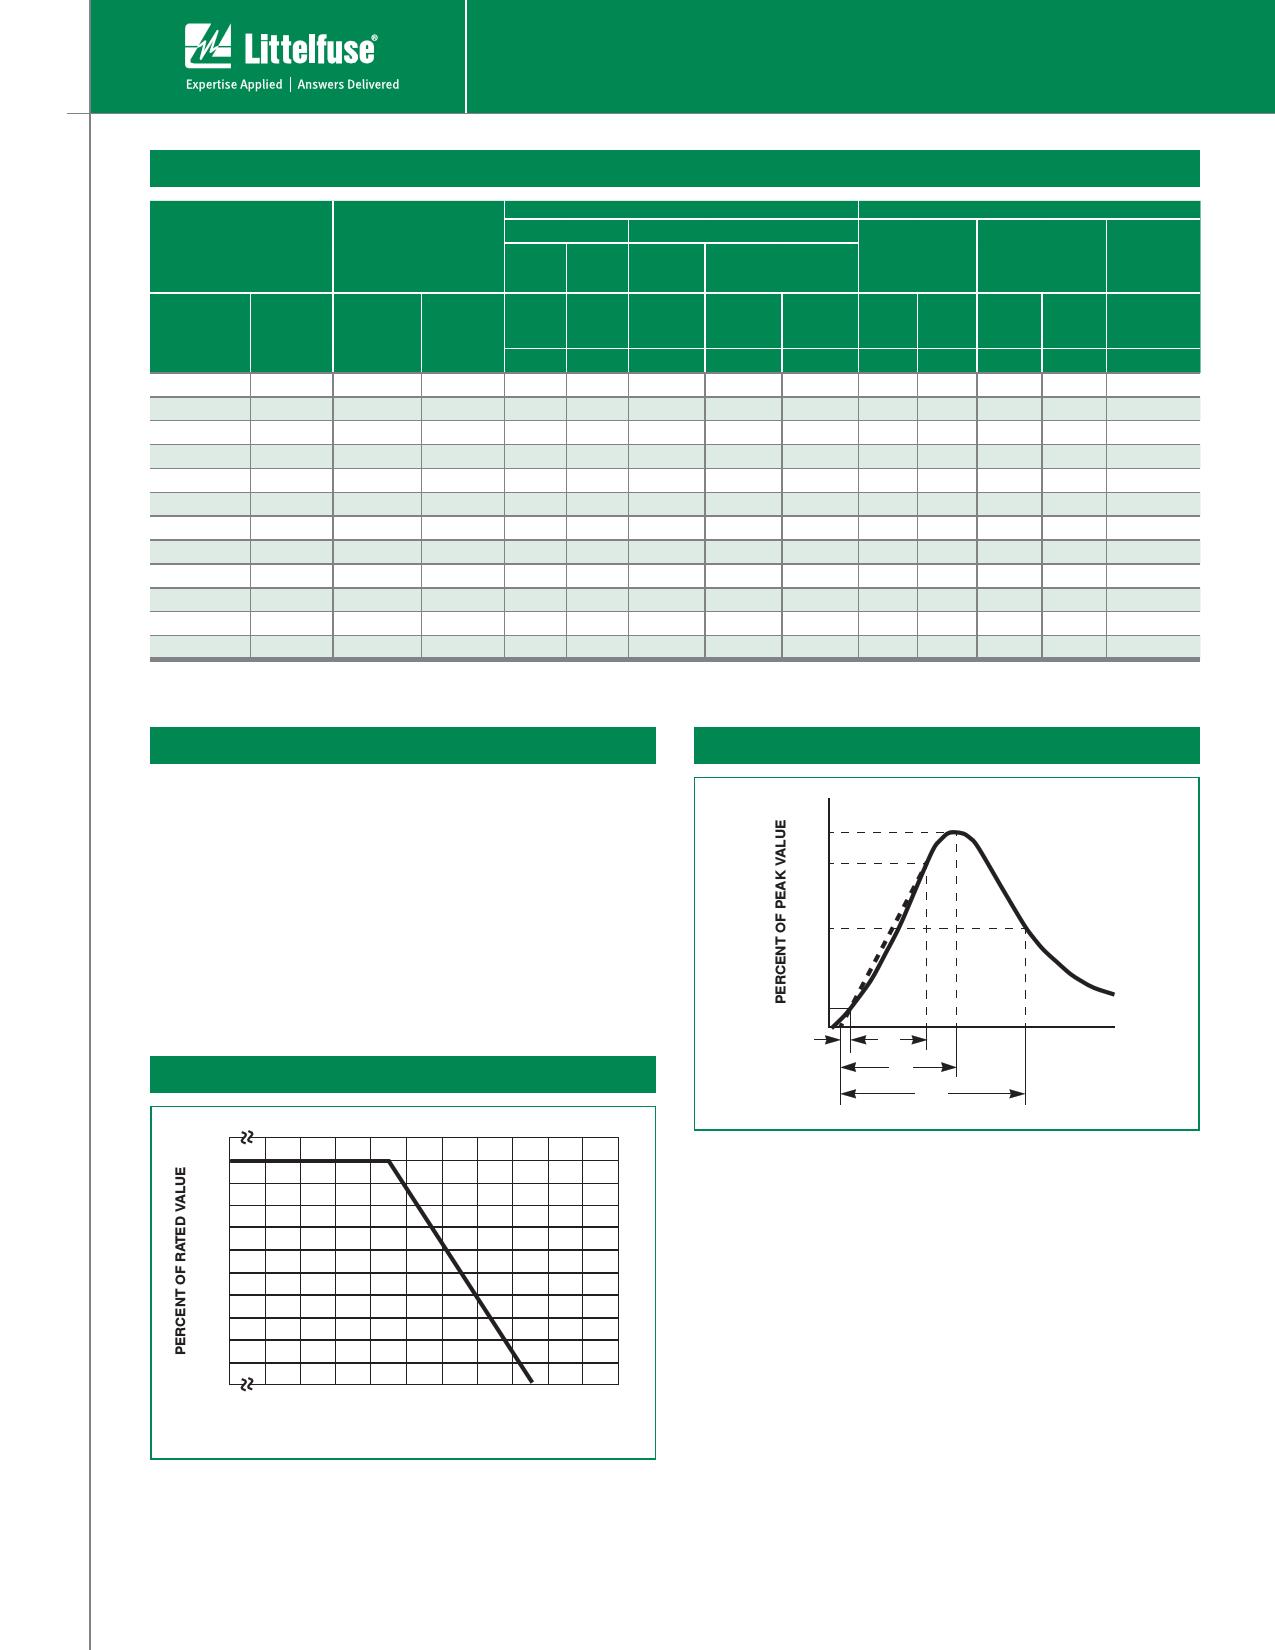 V07E420P pdf, 電子部品, 半導体, ピン配列